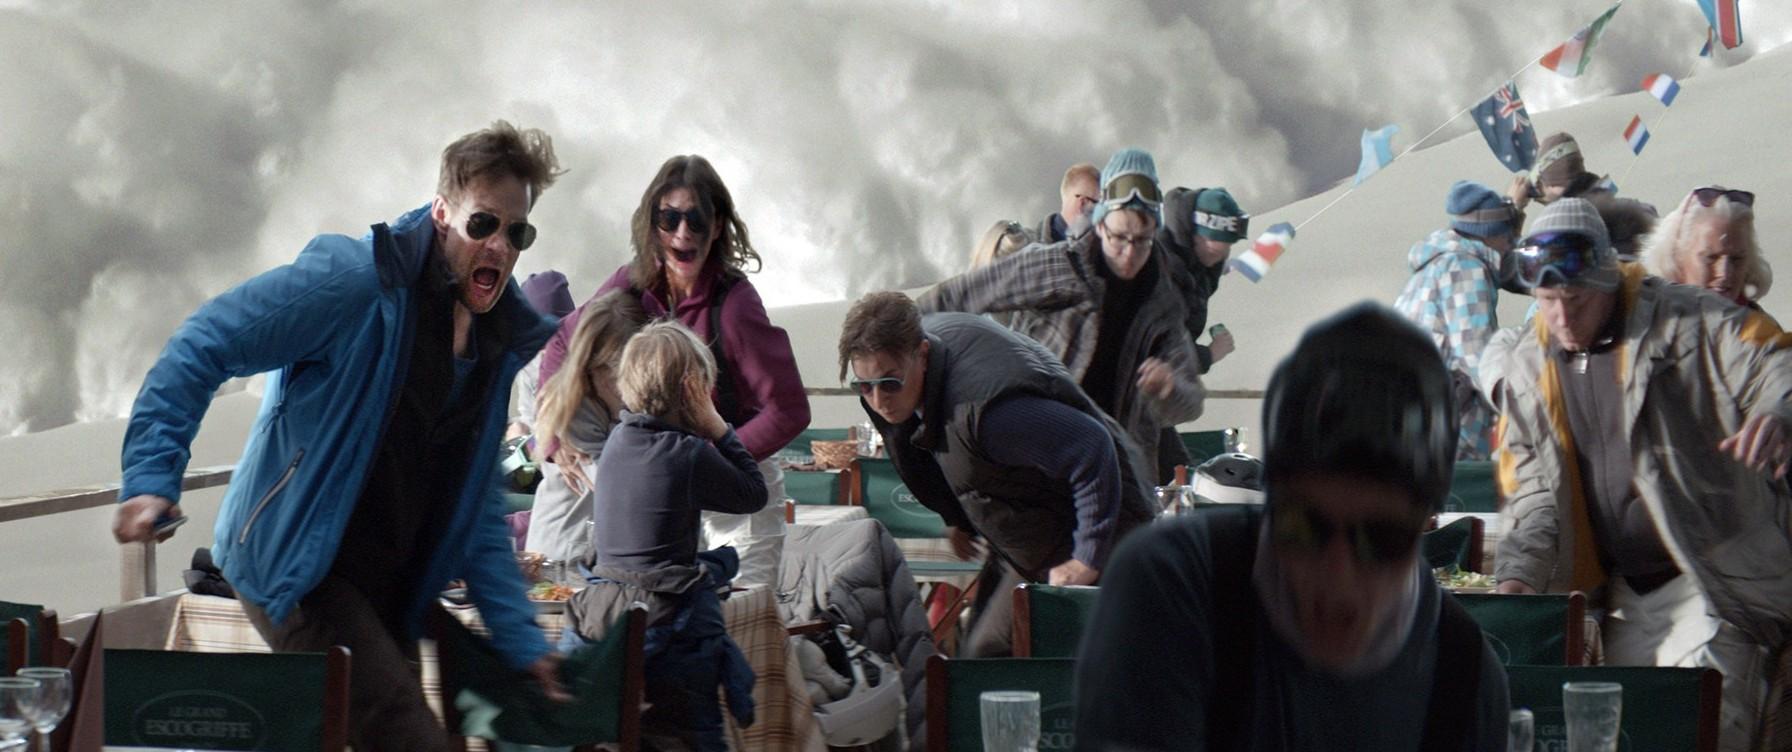 Filmvisninger og celebre gjester på Nordisk filmhelg i Oslo